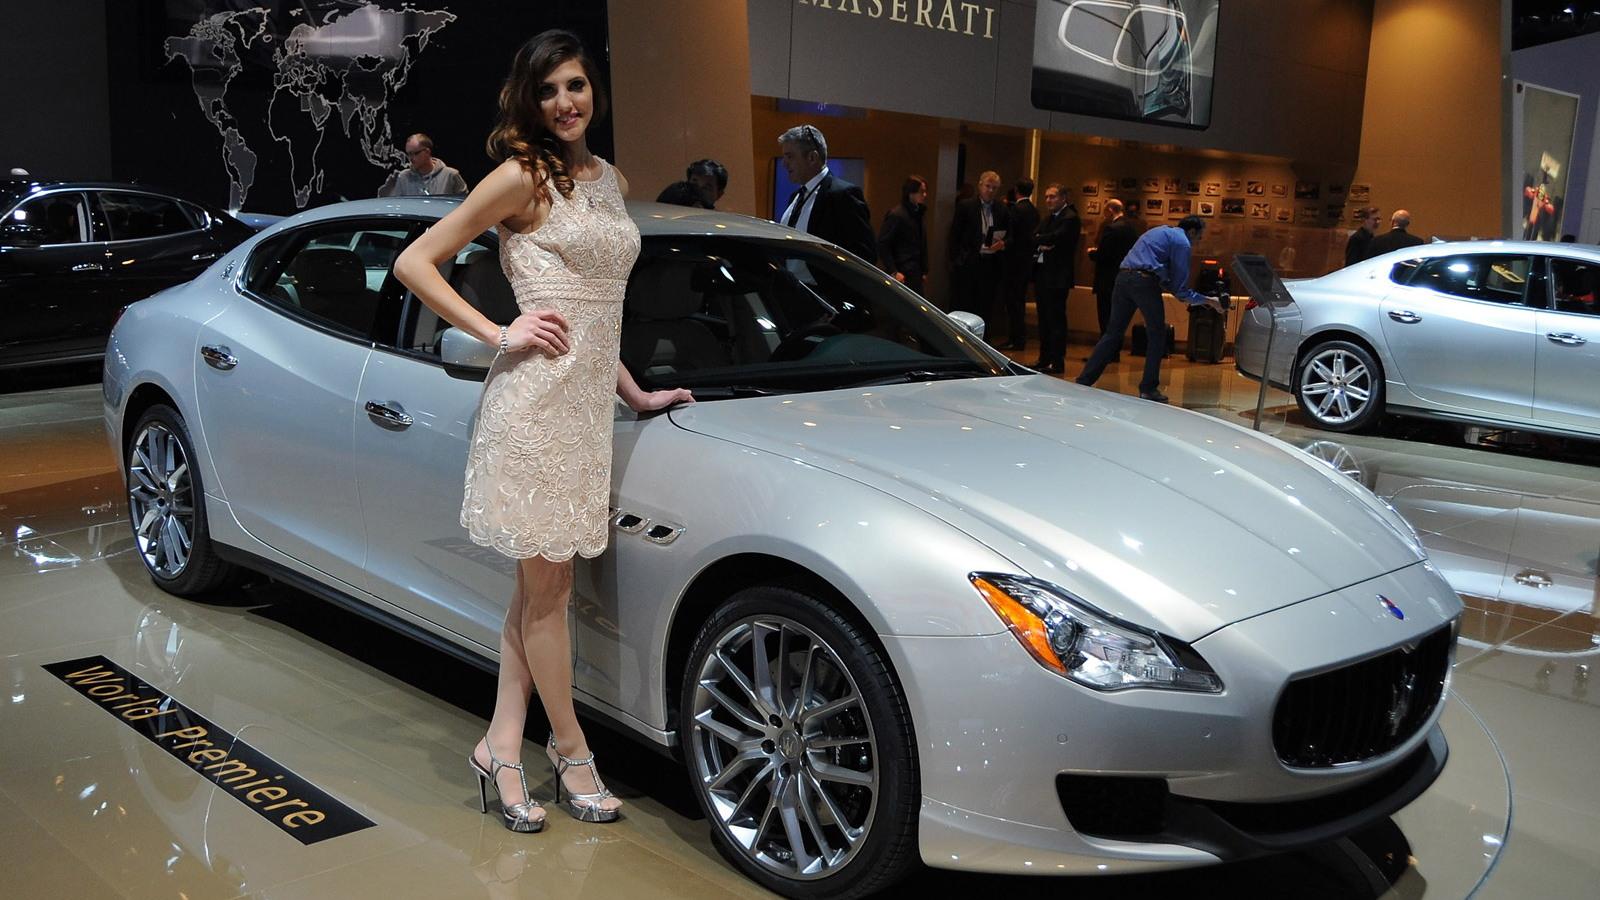 2014 Maserati Quattroporte - 2013 Detroit Auto Show